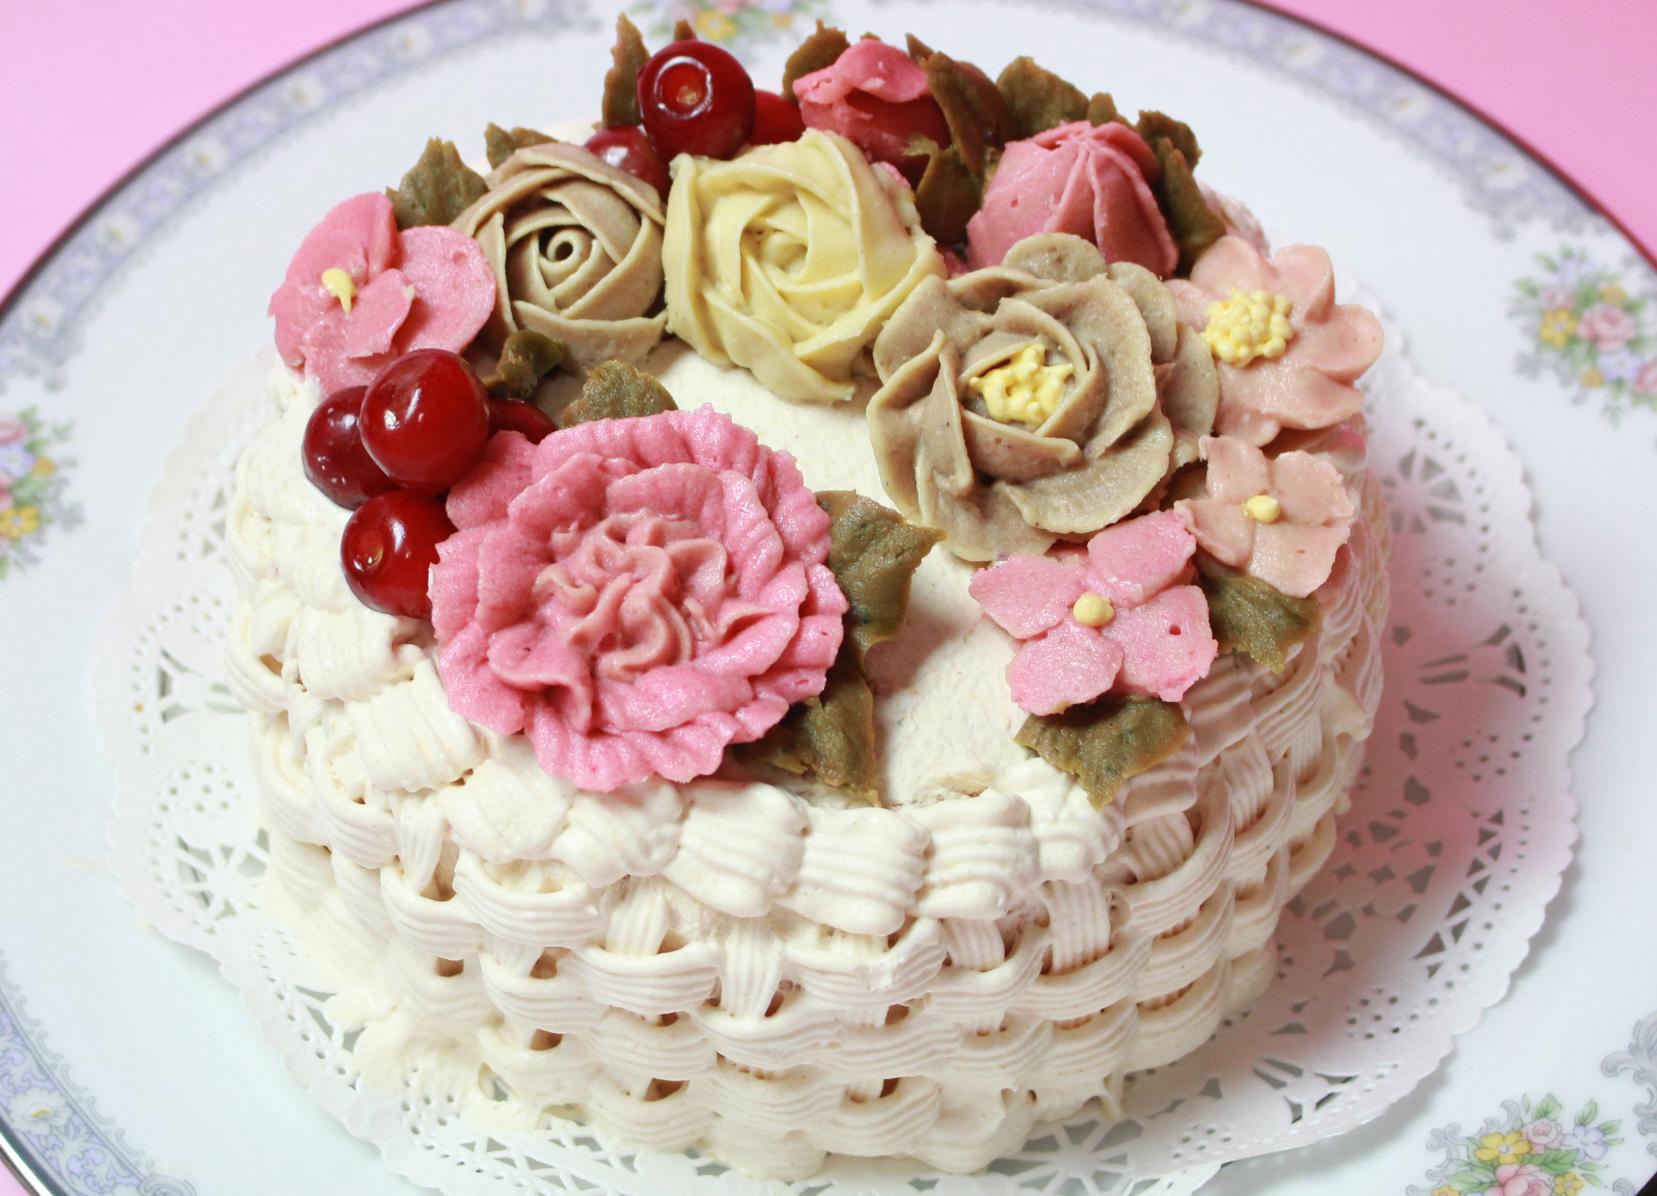 アンティークフラワーバスケットケーキ.きなこクリームとスイートポテト